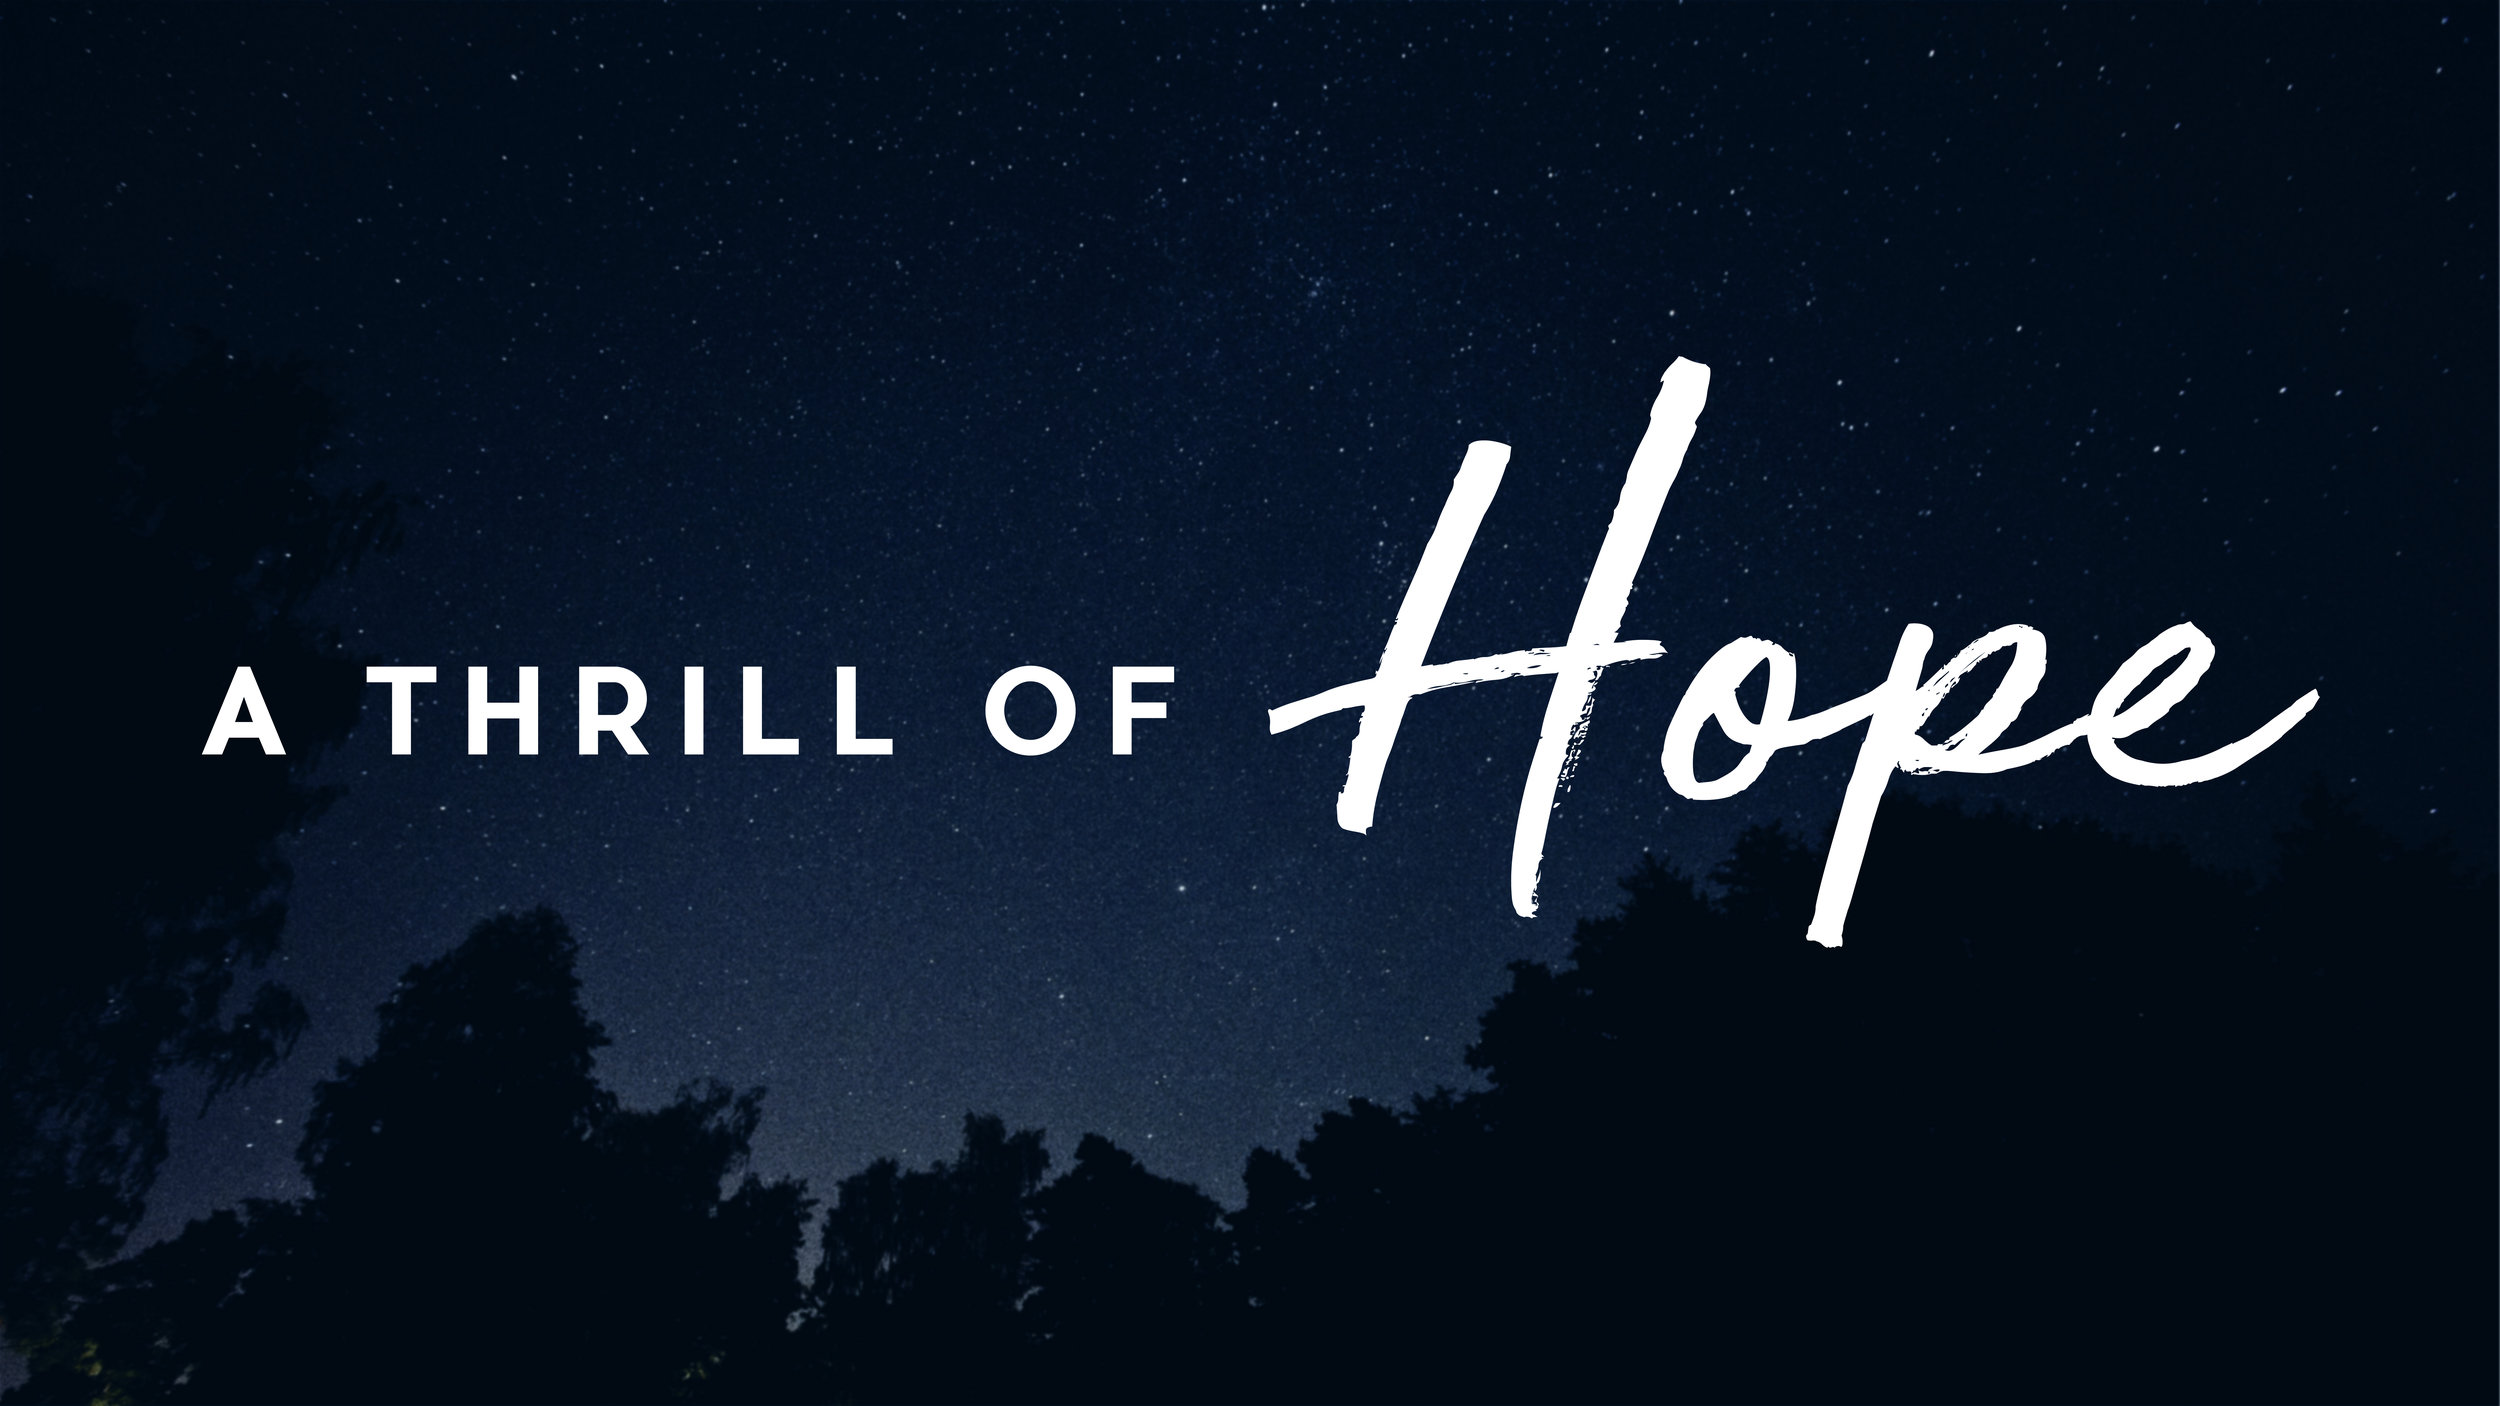 ThrillofHope_stars_horiz-opt2.jpg